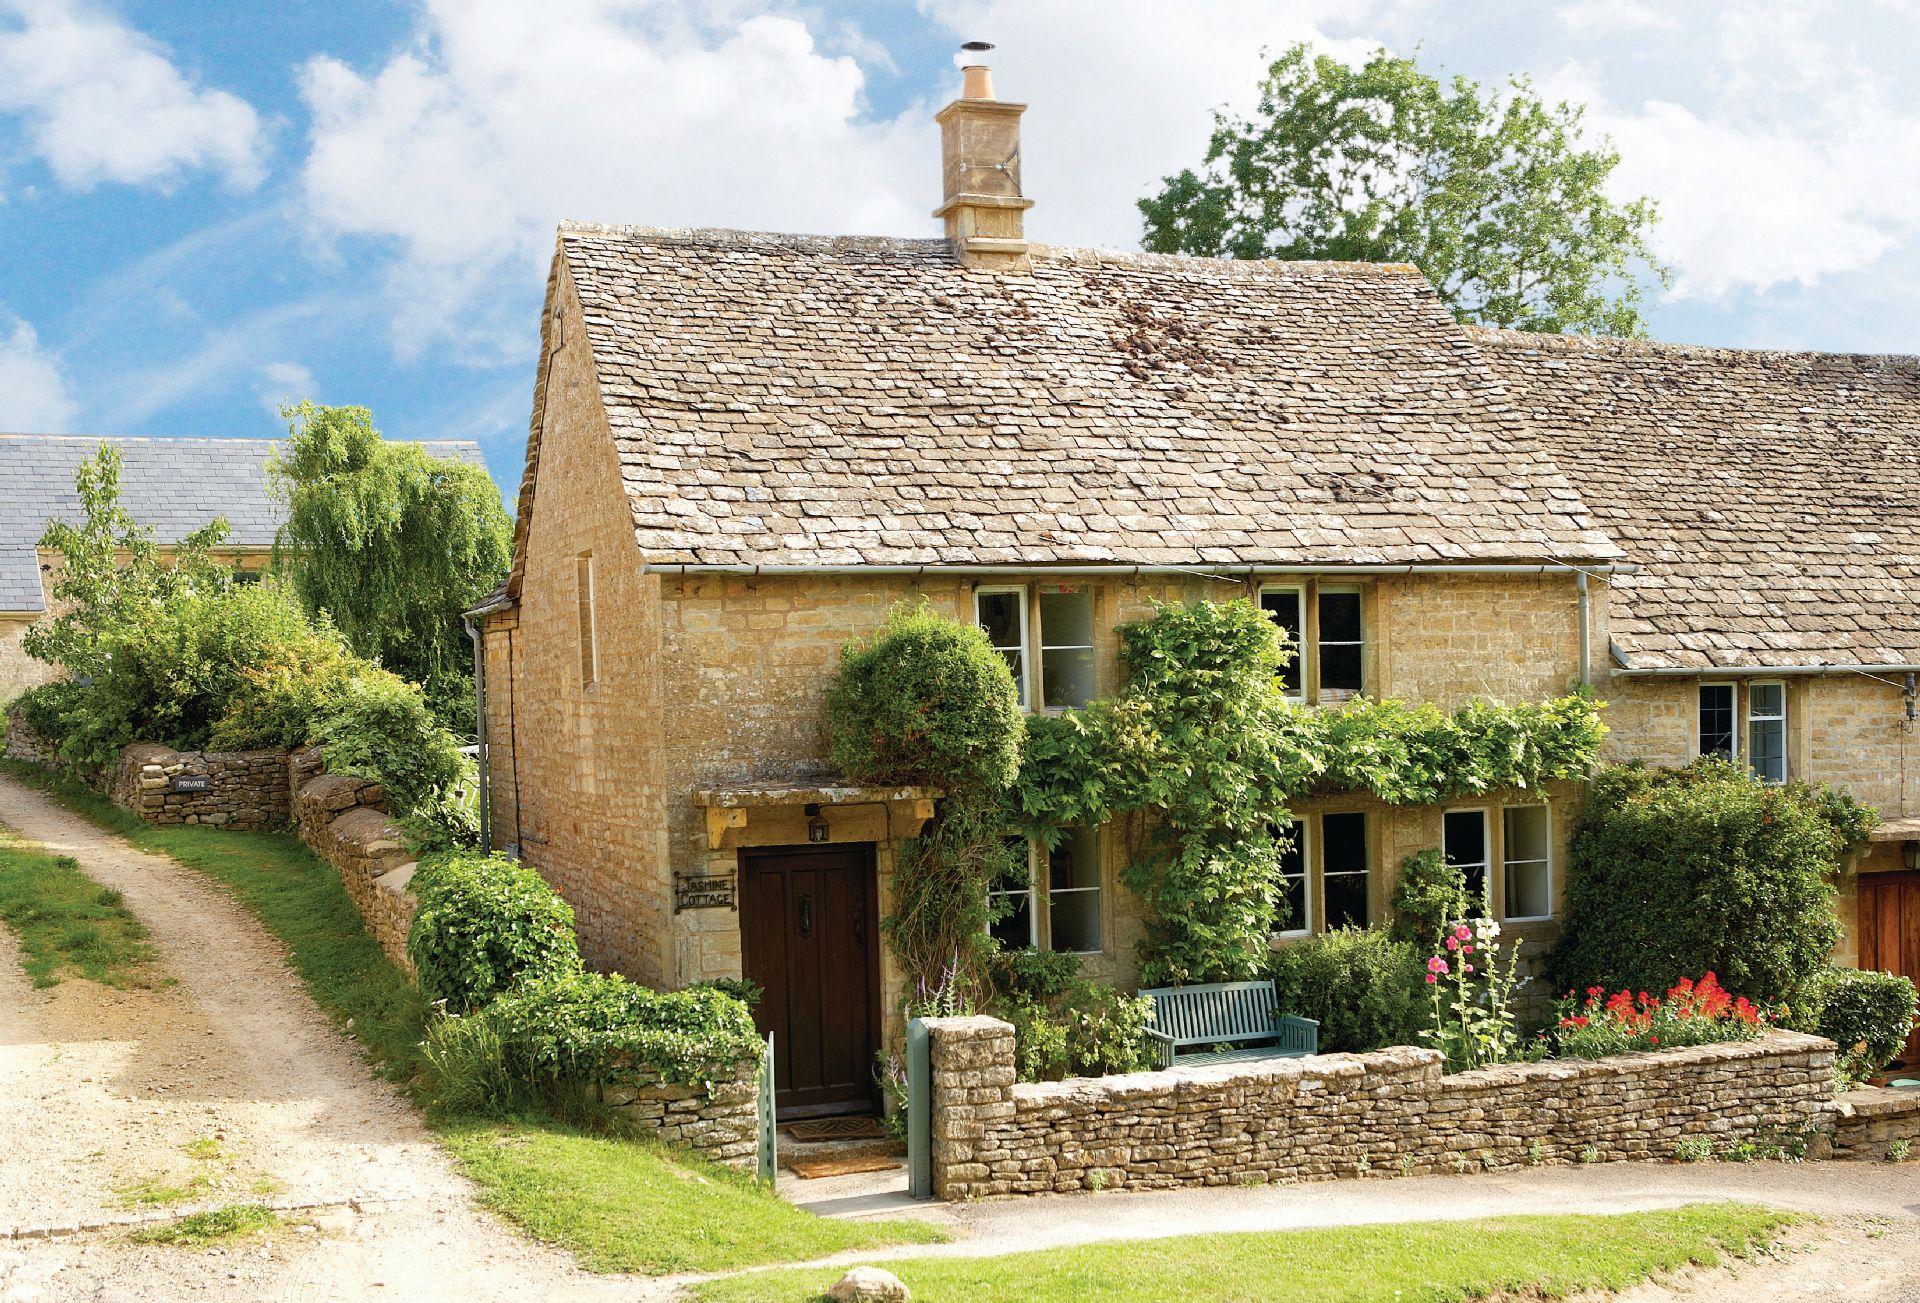 Image of Jasmine Cottage (Windrush)